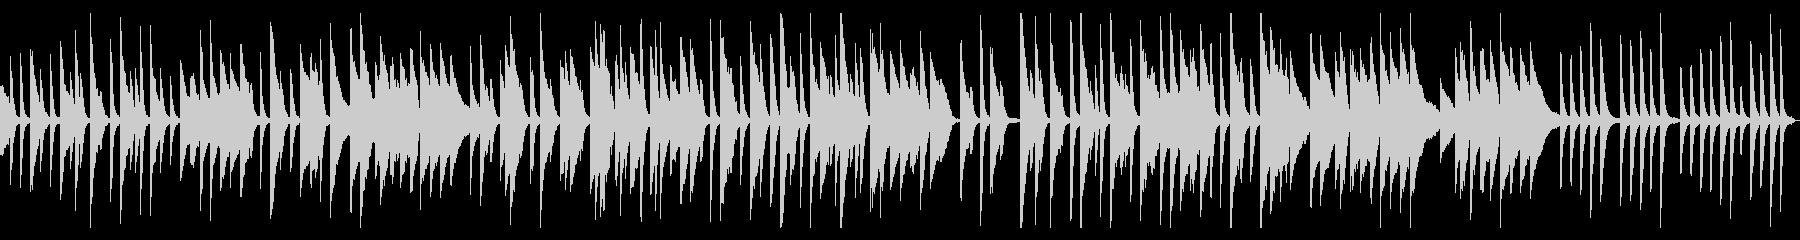 ピアノの軽くてかわいいワルツの未再生の波形